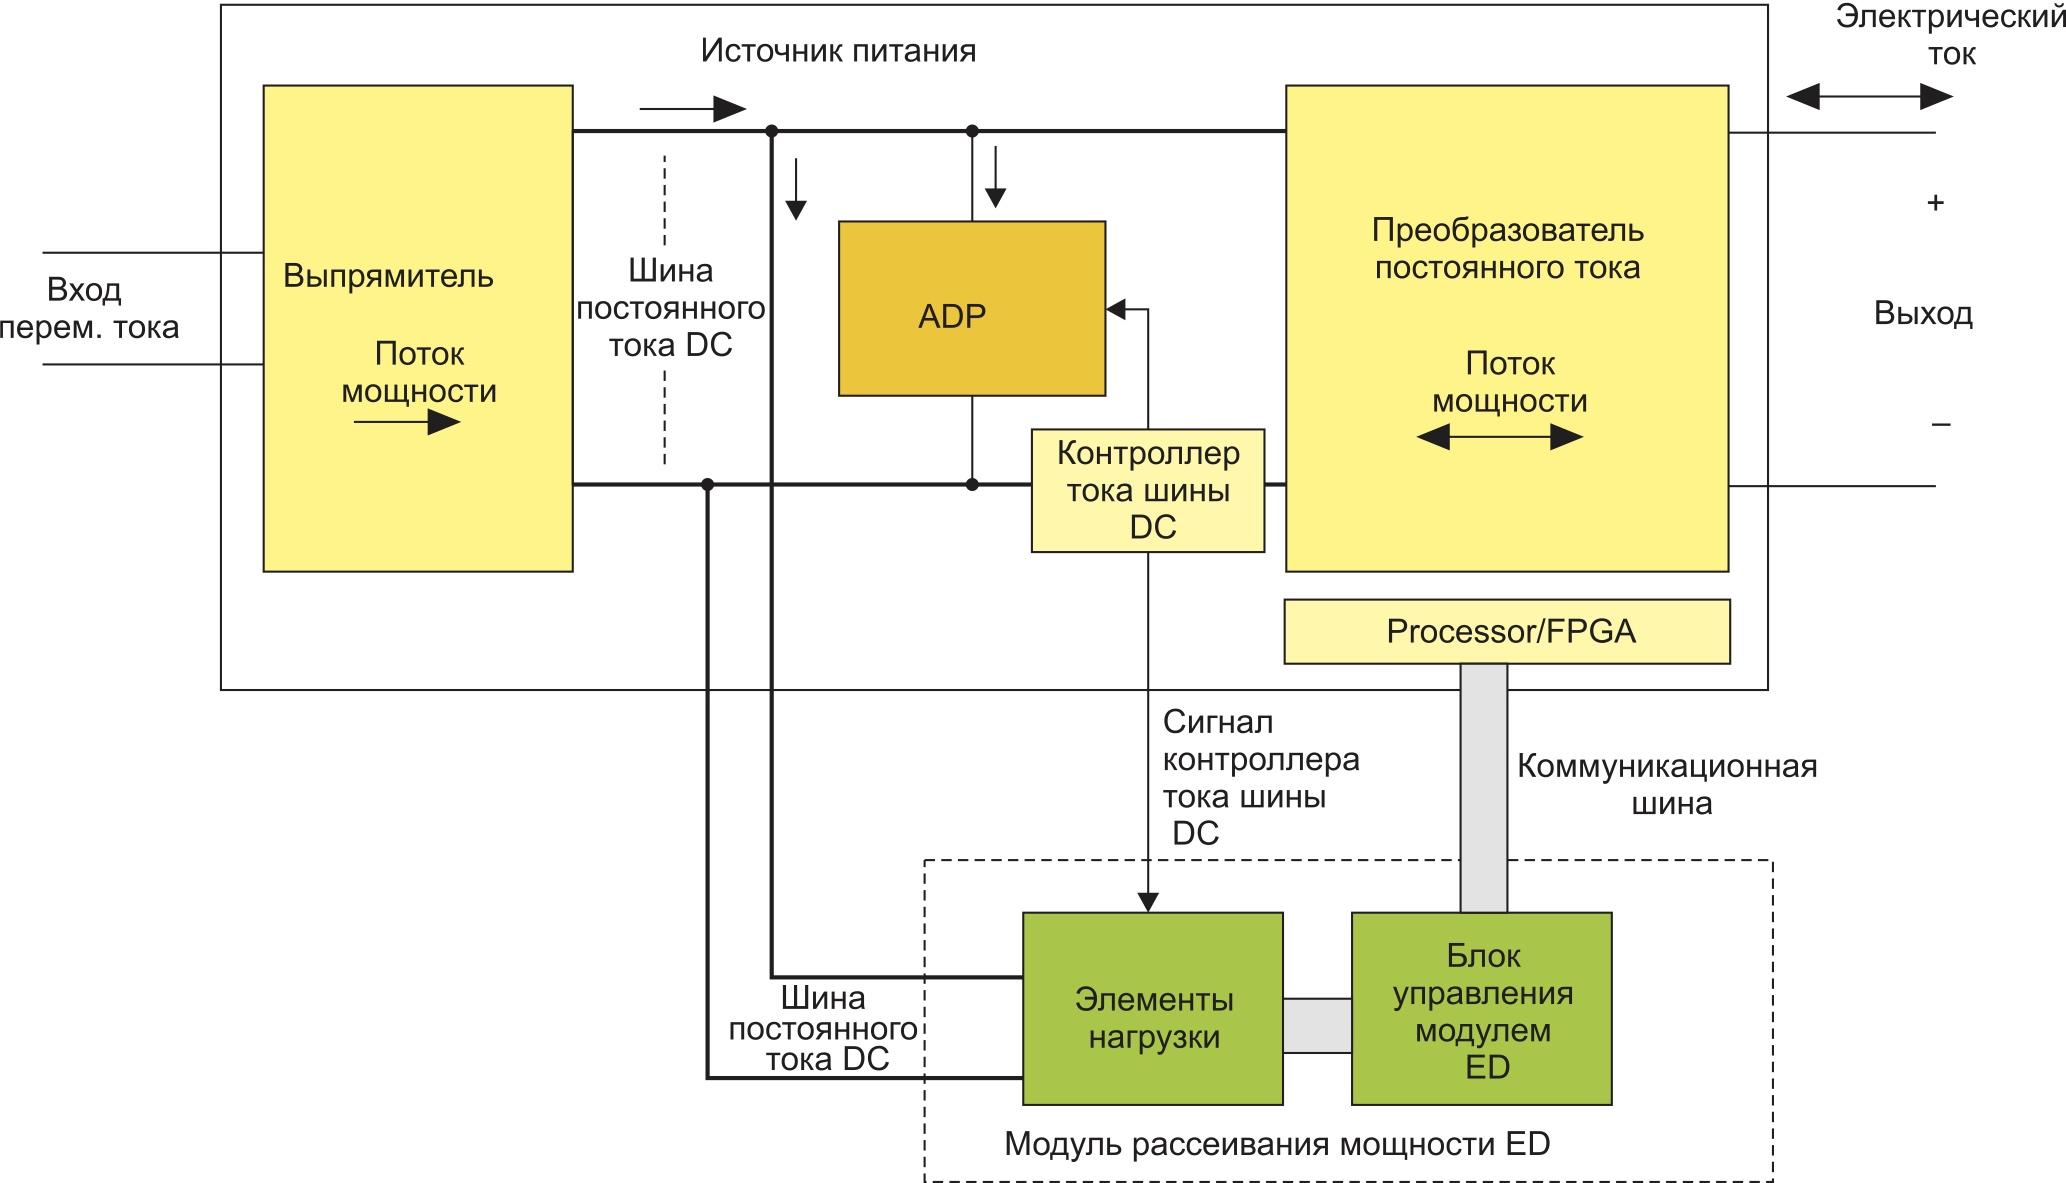 Блок-схема импульсного ИП с возможностью реализации объединенного решения источник–приемник тока за счет использования двунаправленного преобразователя постоянного тока и запатентованных ADP и ED